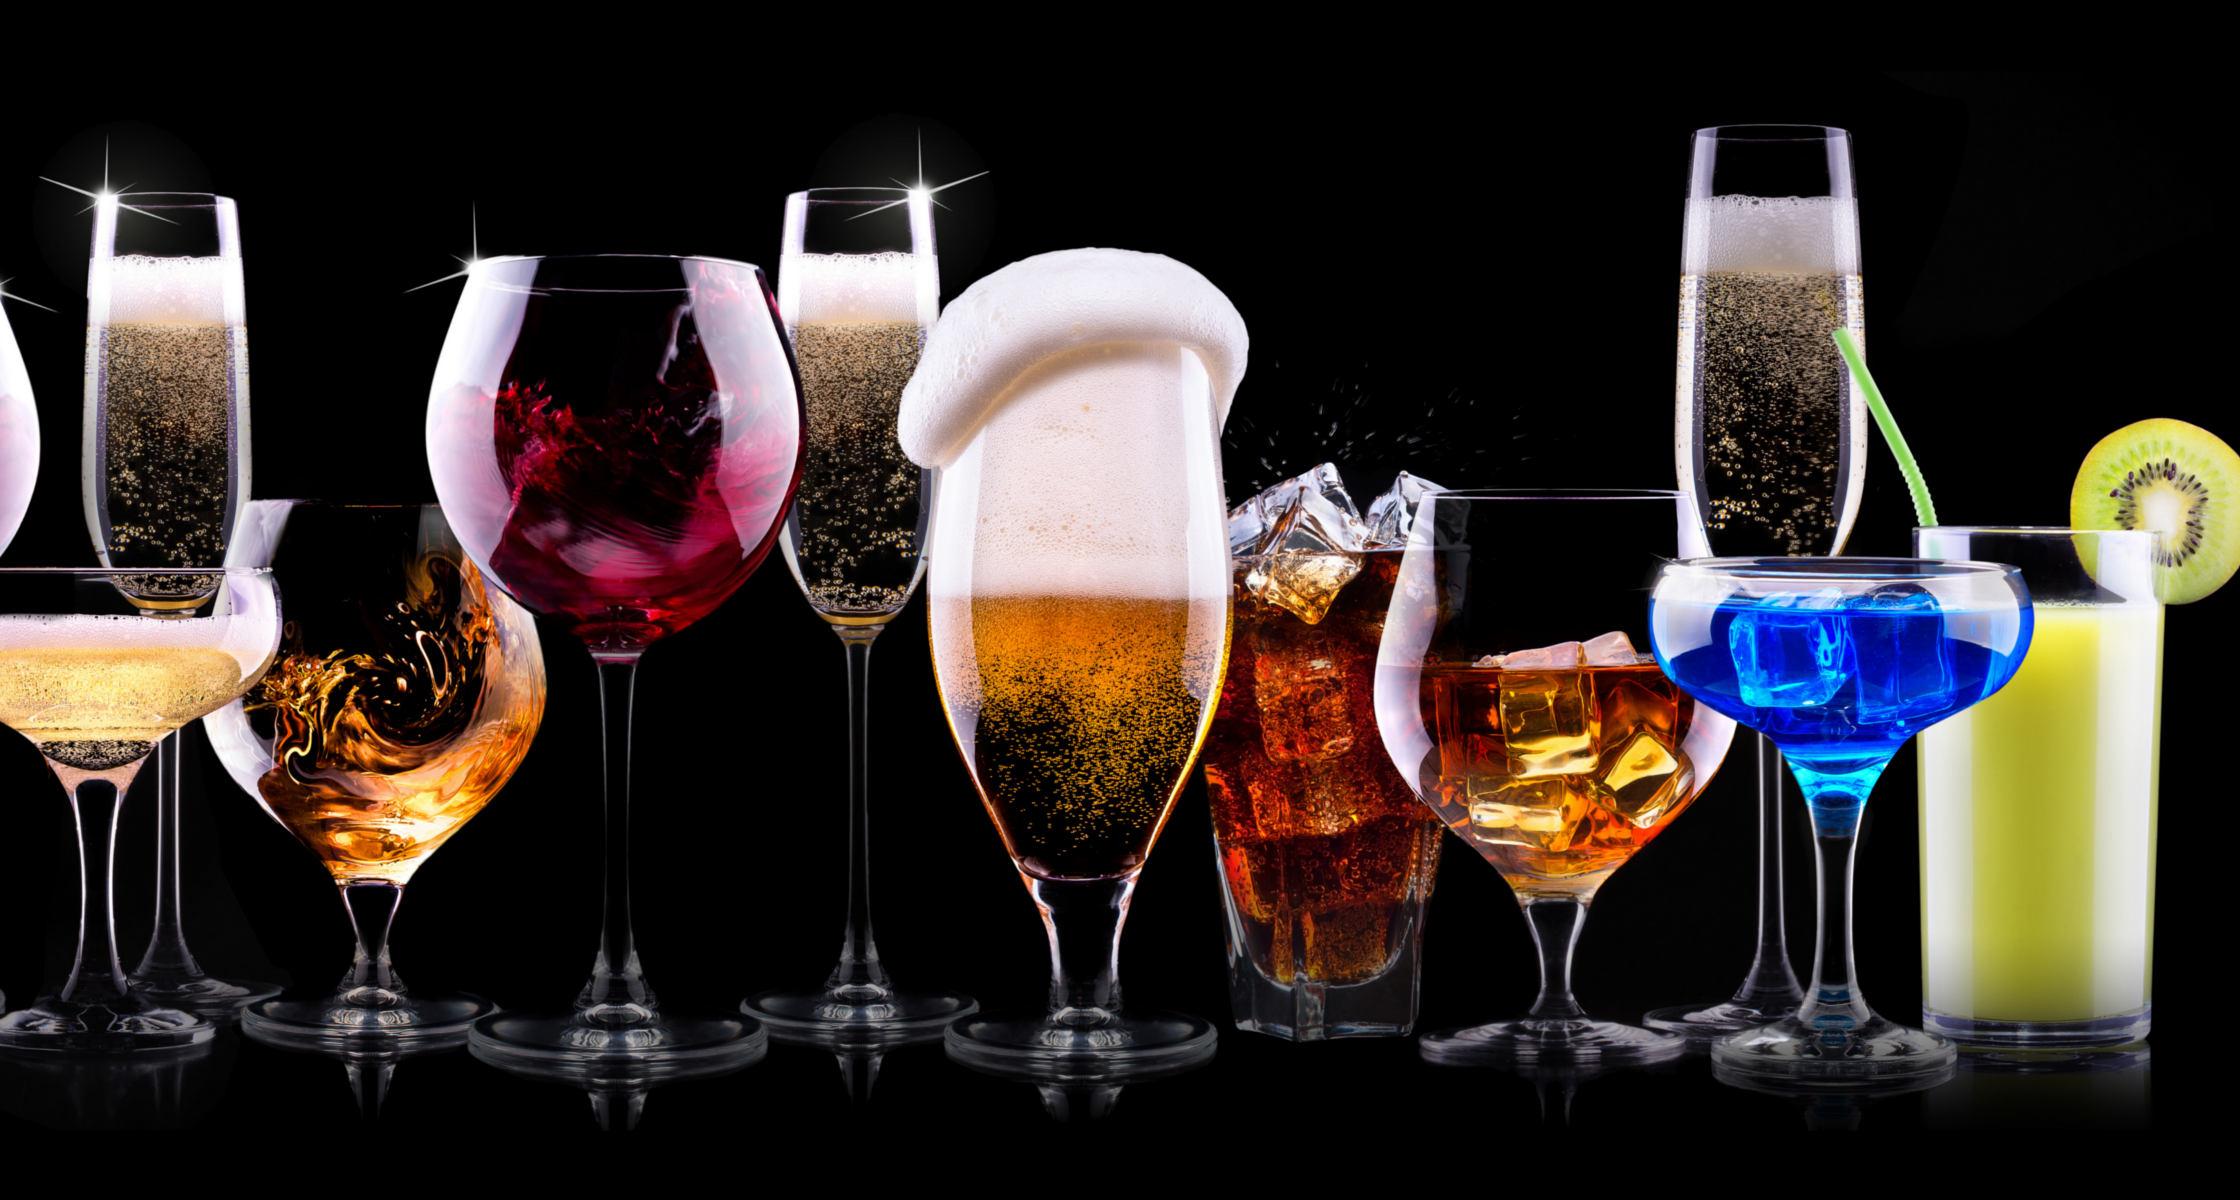 Gedächtnislücken Nach Wenig Alkohol - Quotes Update Here